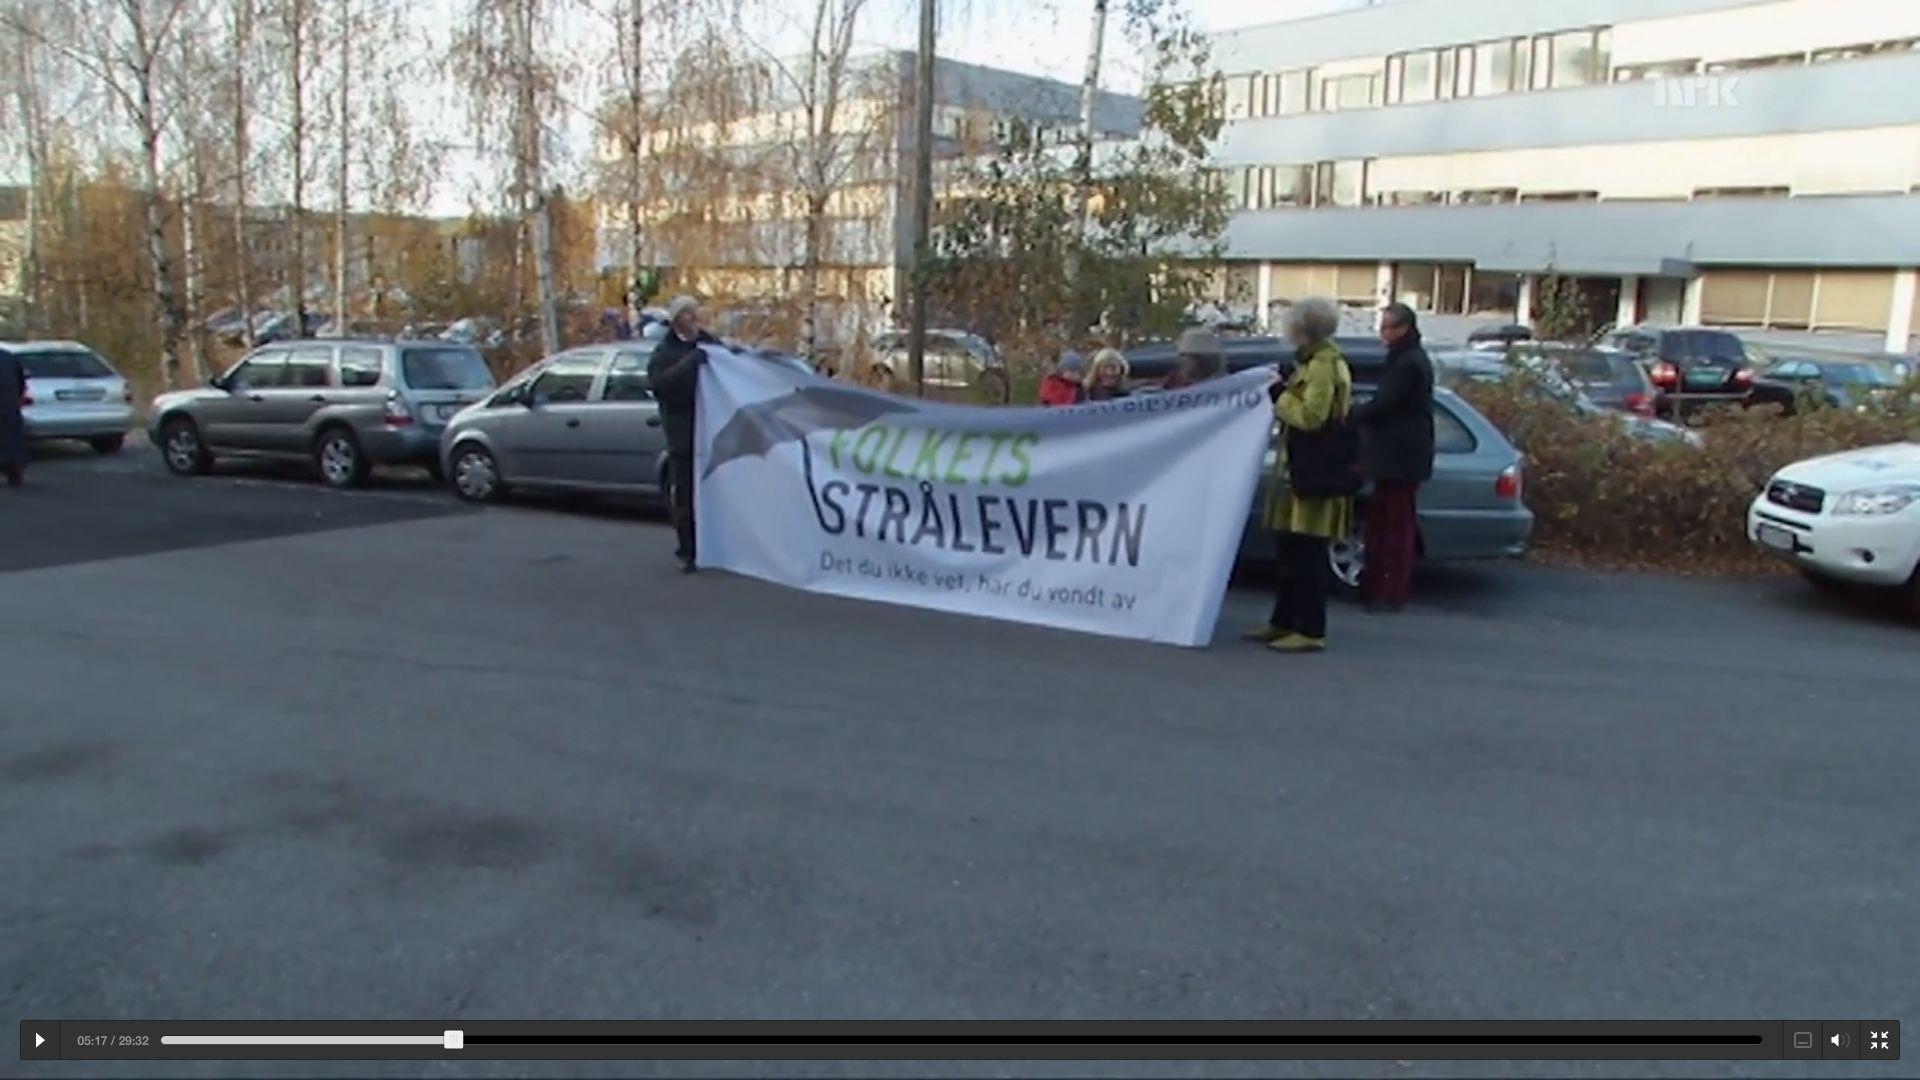 Folkets Strålevern under en demonstrasjon utenfor Statens strålevern. De mener at Statens strålevern er kjøpt og betalt av storkapitalen.